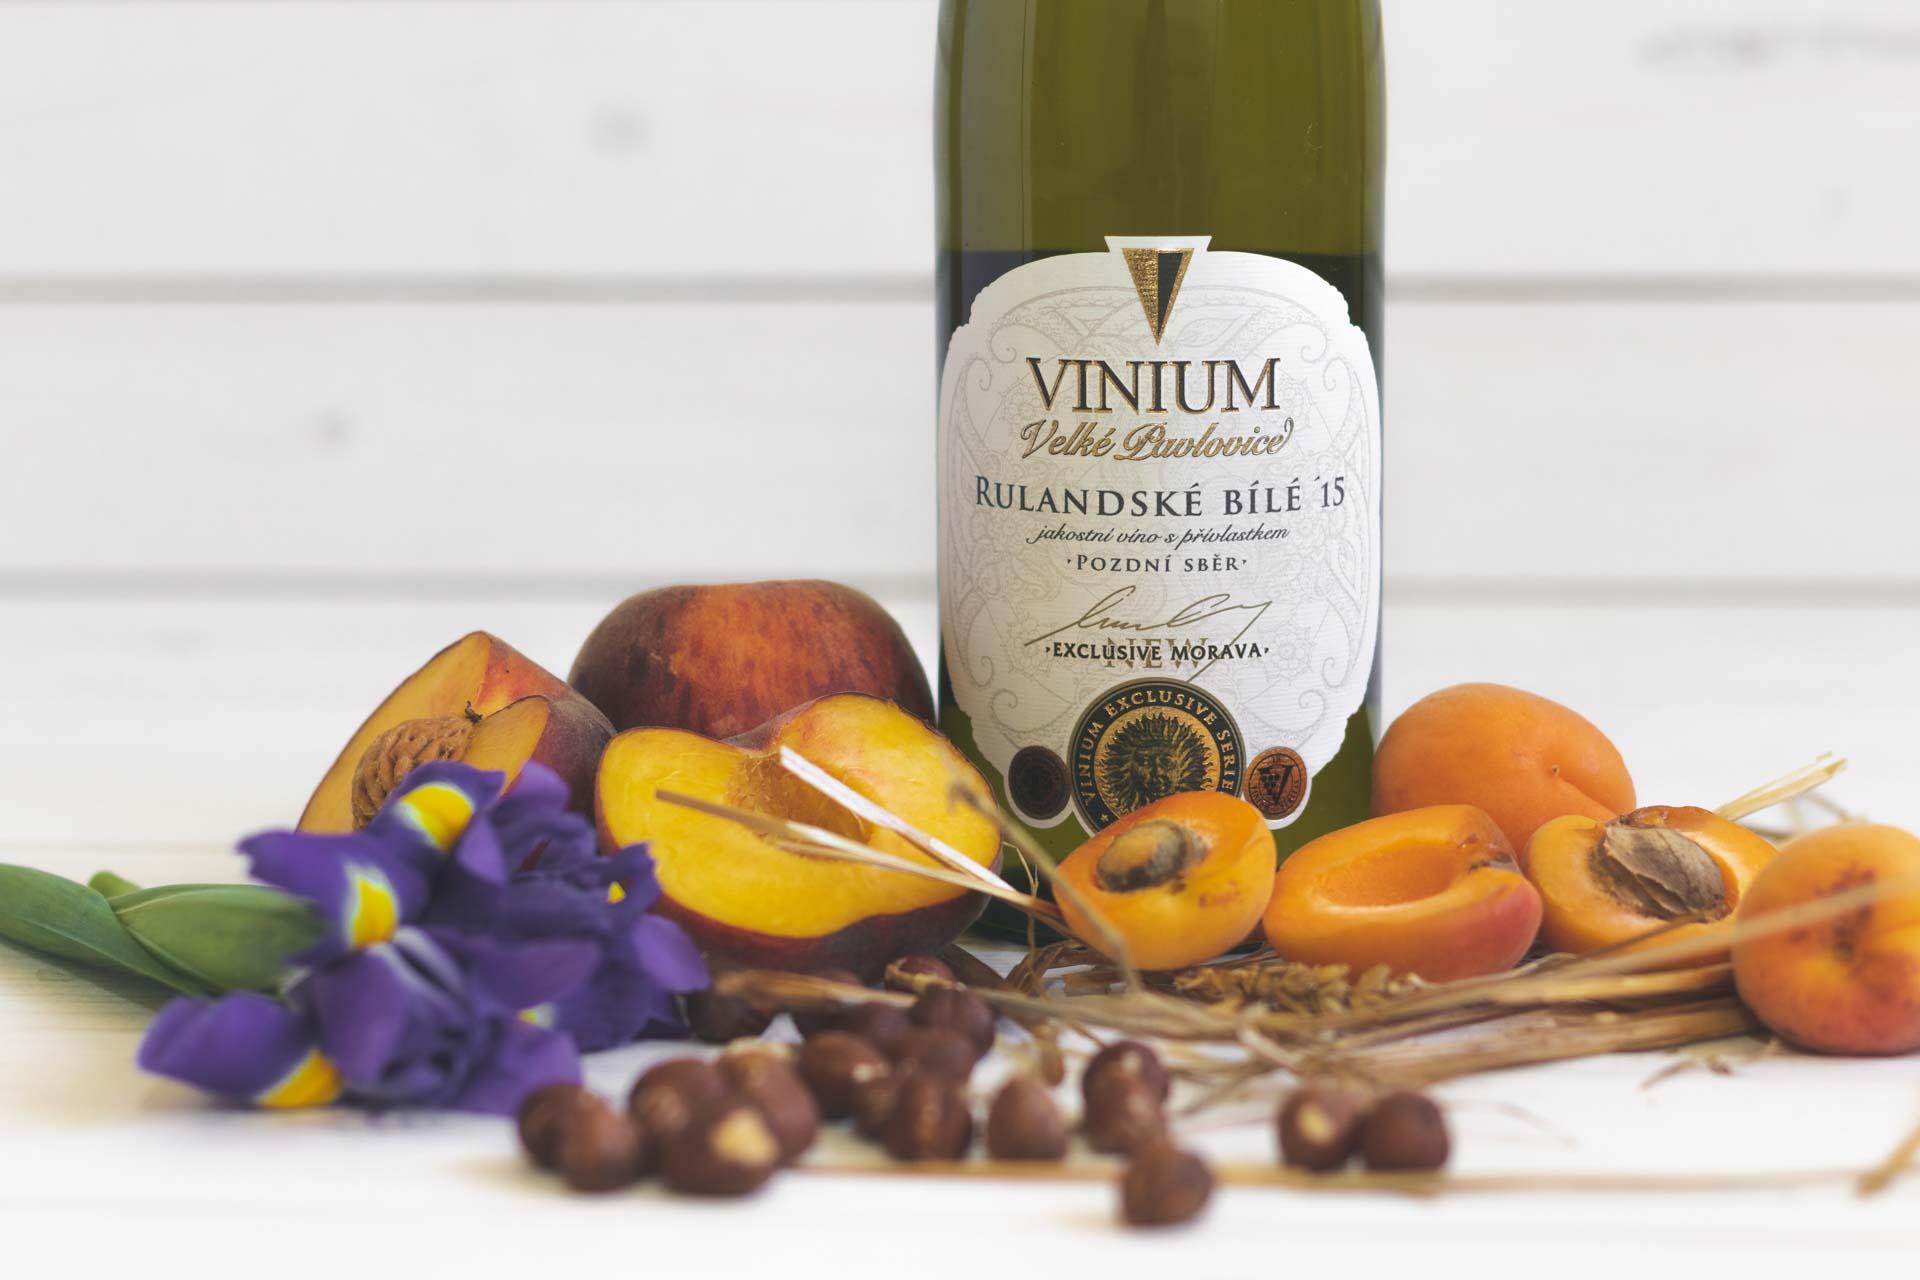 Rulandské bílé, bílé víno, přívlastkové víno, VINIUM